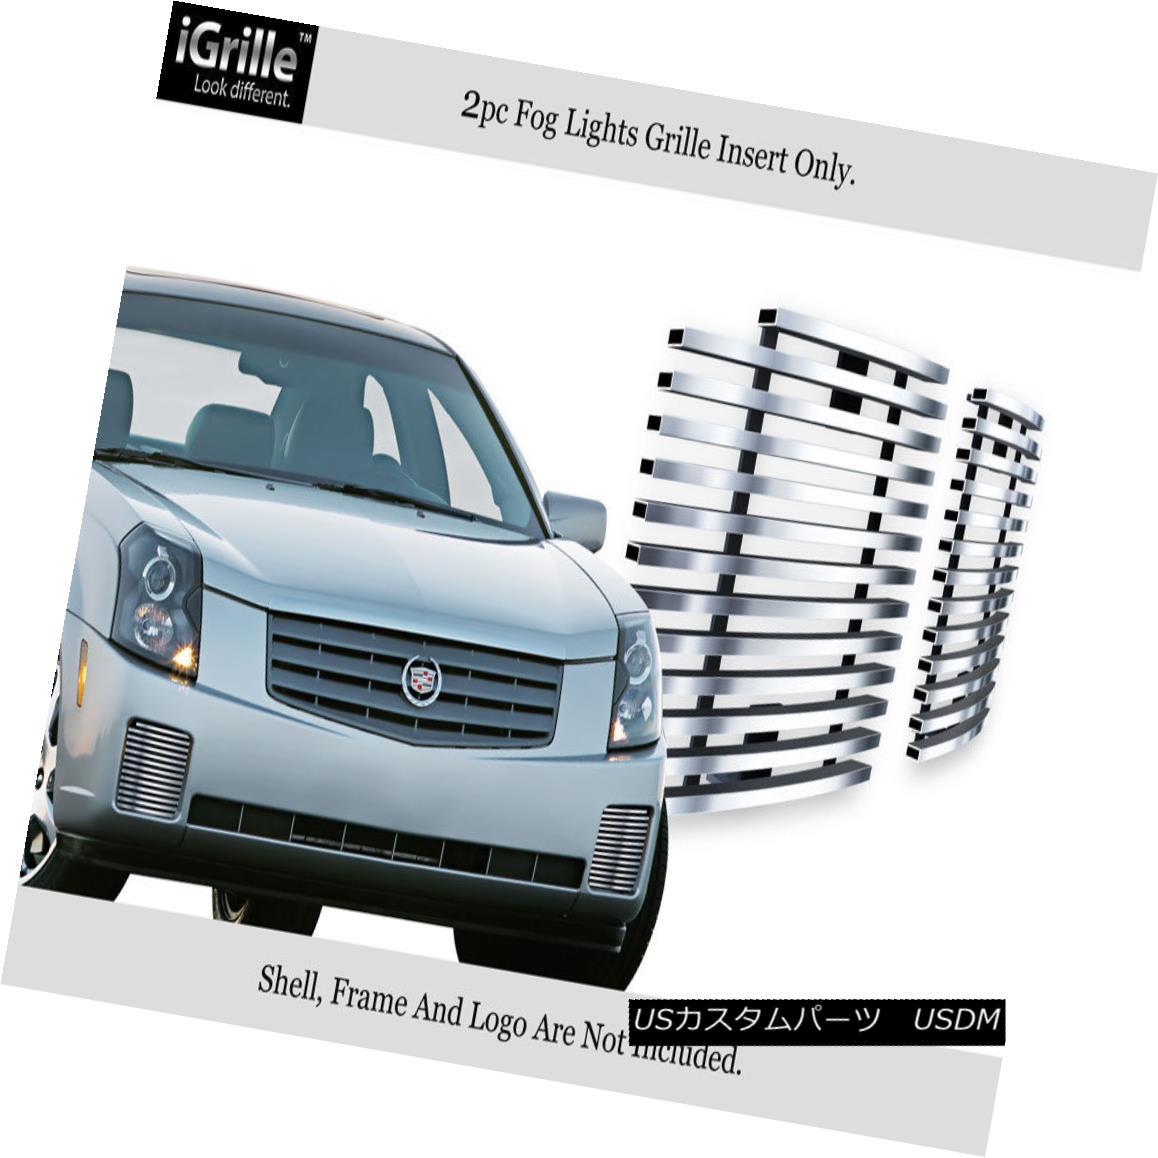 グリル For 2003-2007 Cadillac CTS Fog Light Cover Stainless Steel Billet Grille Insert 2003-2007キャデラックCTSフォグライトカバーステンレススチールビレットグリルインサート用